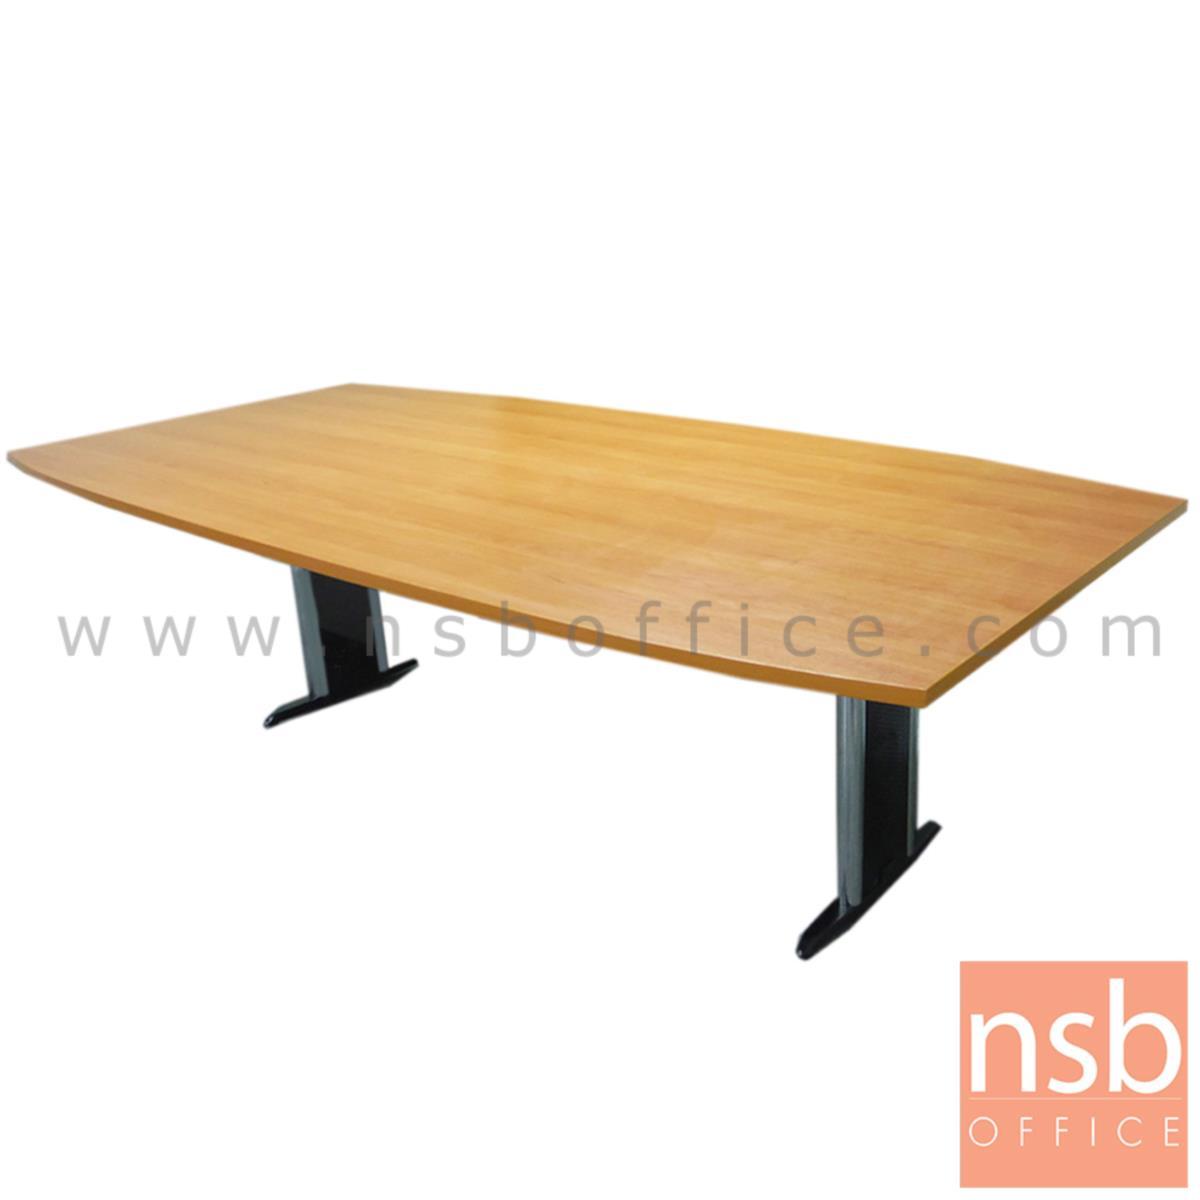 โต๊ะประชุมทรงเรือ  8 ,10 ที่นั่ง ขนาด 200W ,240W cm. ขาเหล็กตัวที